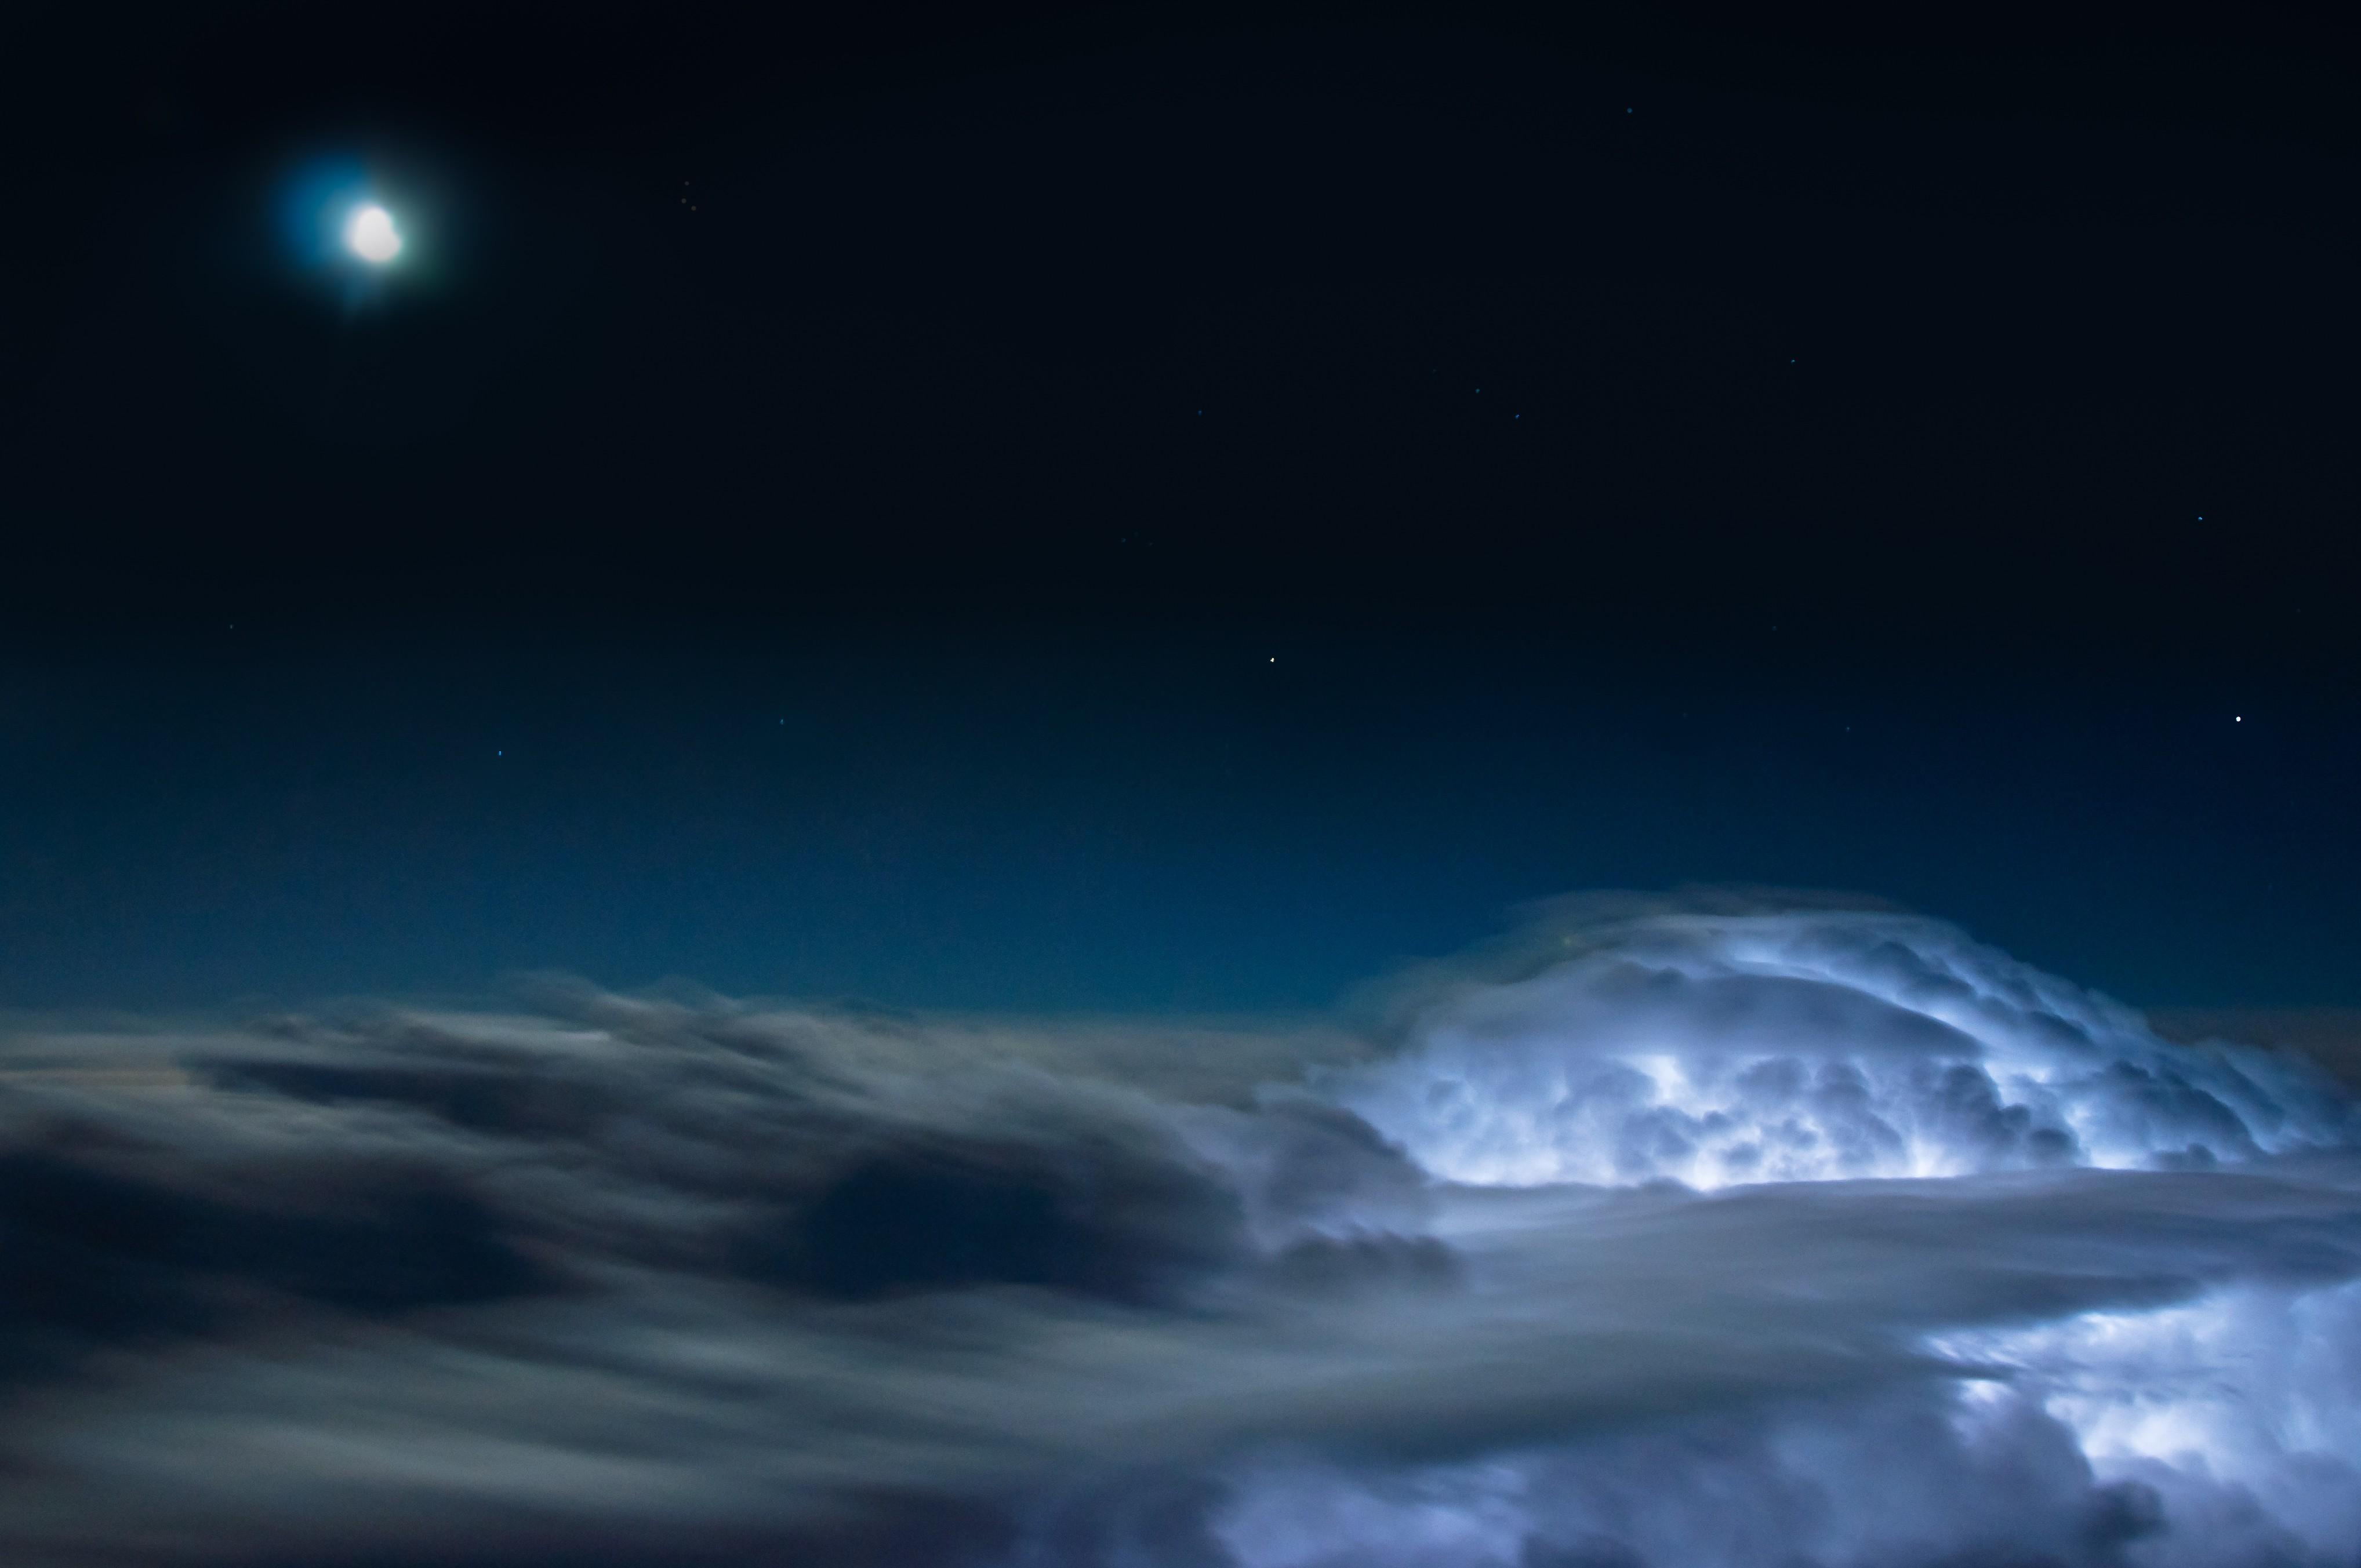 Como é ver um raio acima das nuvens? Inpe cria concurso de fotografia do fenômeno  - Notícias - Plantão Diário